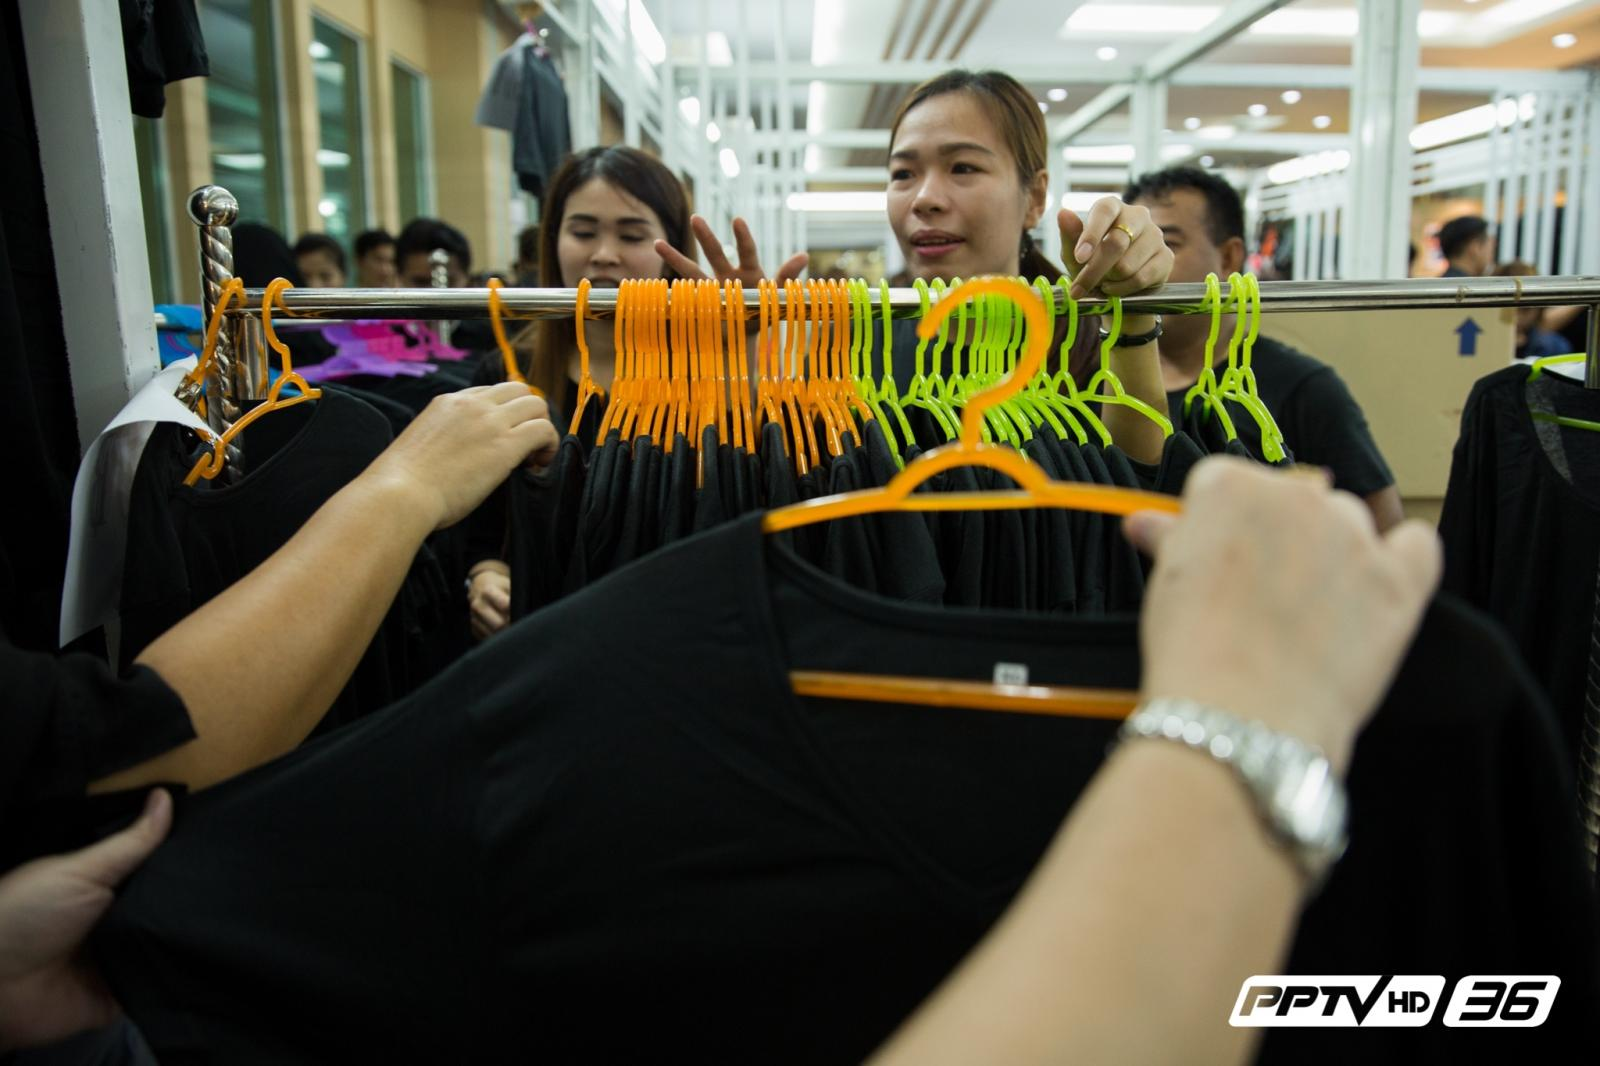 ปชช.ซื้อเสื้อดำคึกคัก หลังอุตสาหกรรมนำมาลดราคา